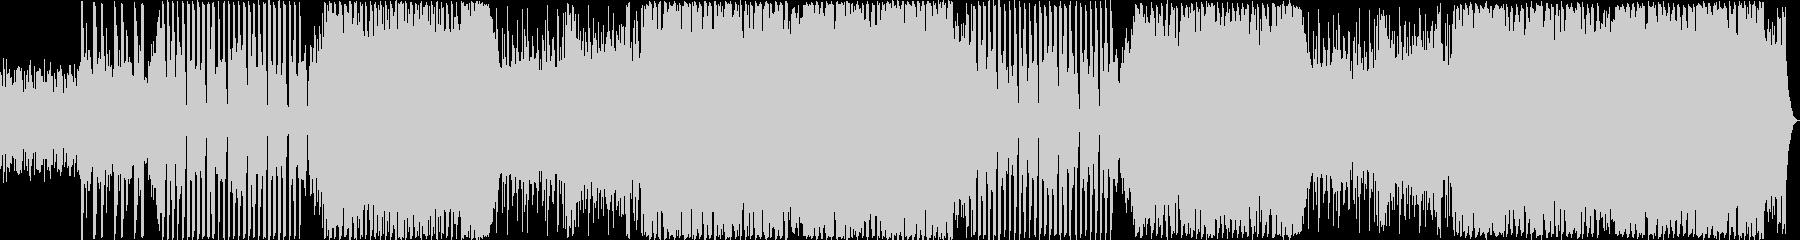 ボーカルチョップが印象的なハウスポップの未再生の波形